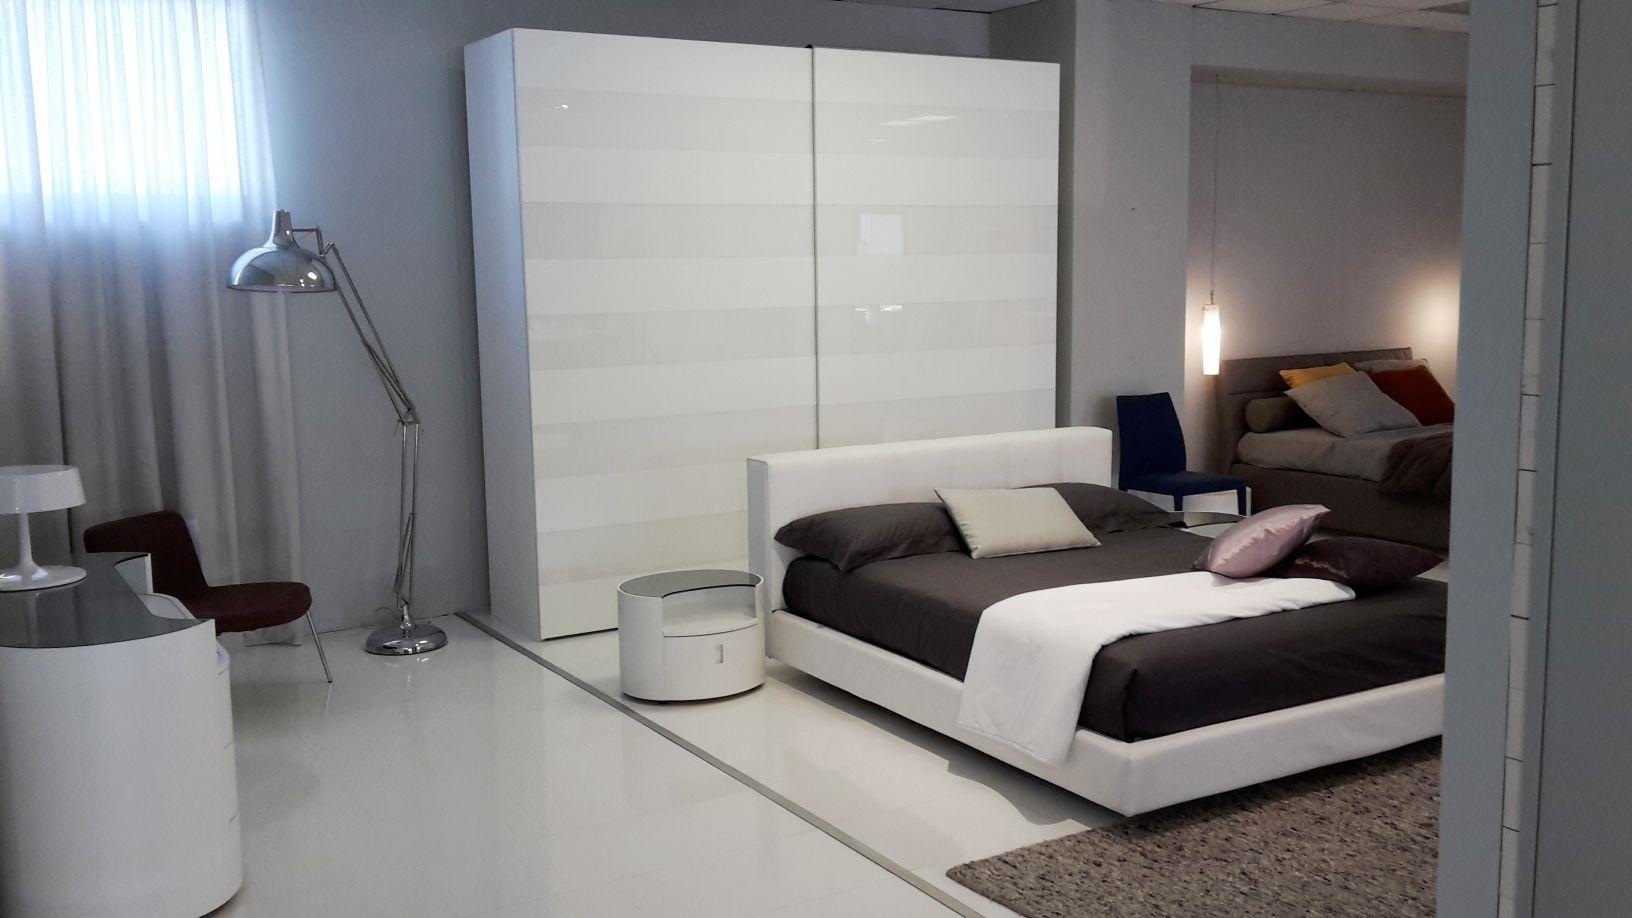 Armadio step 5 fascie vetro bianco by tomasella armadi a - Camere da letto ikea prezzi ...